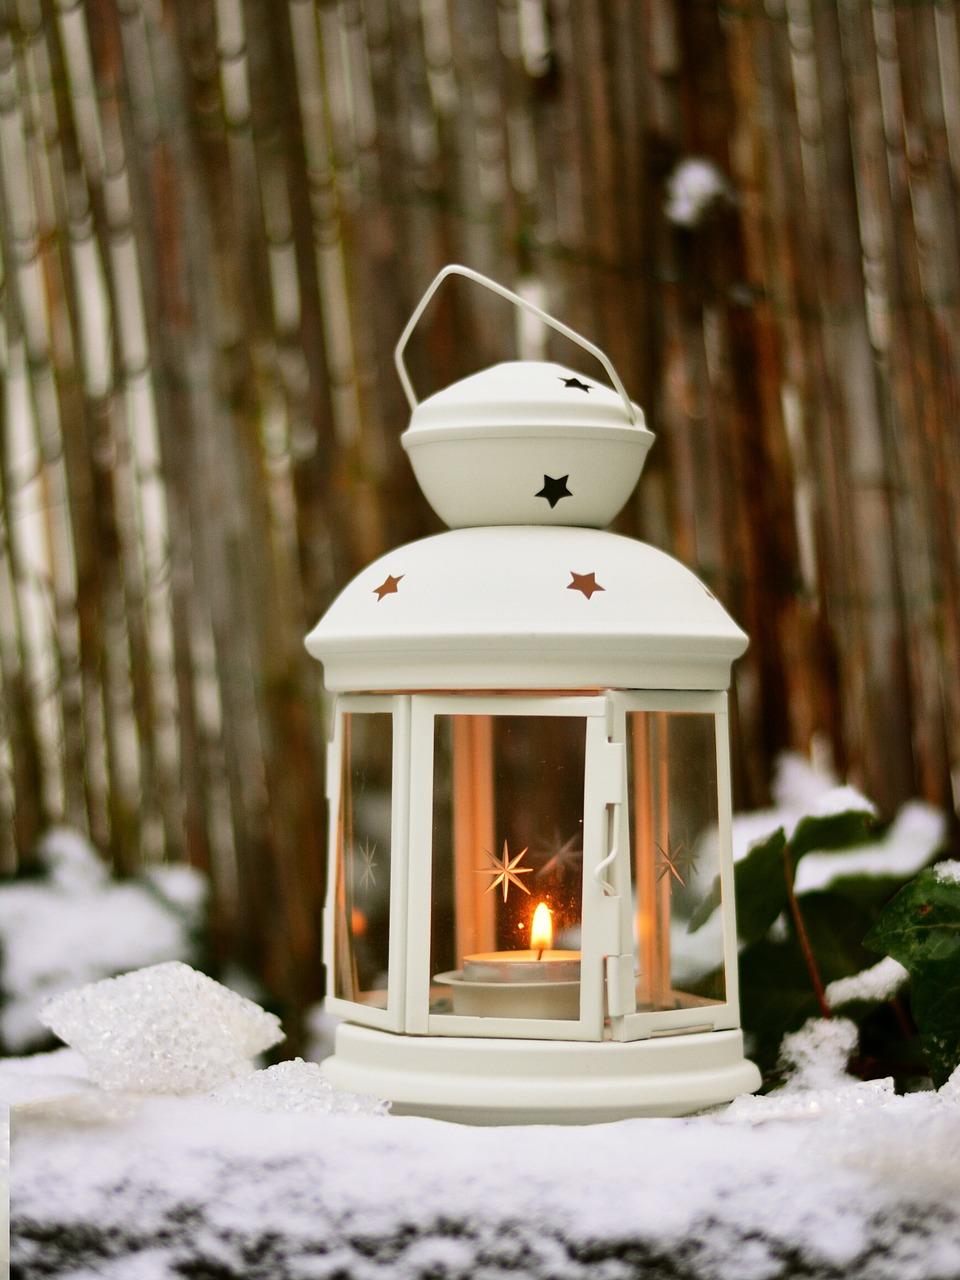 советское фонарь снег картинки отлично помогает переосмыслить